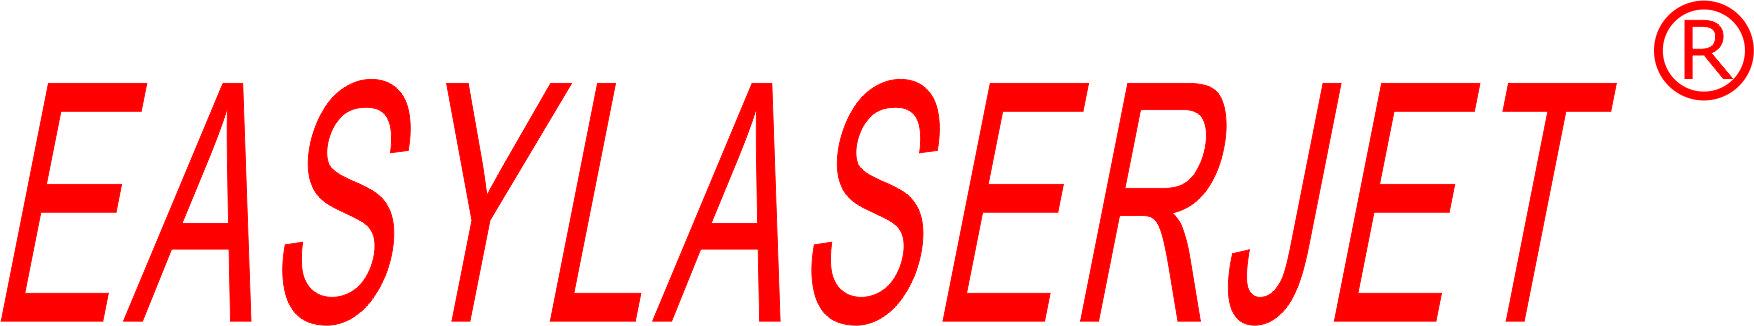 易莱捷(easylaserjet)激光喷码机